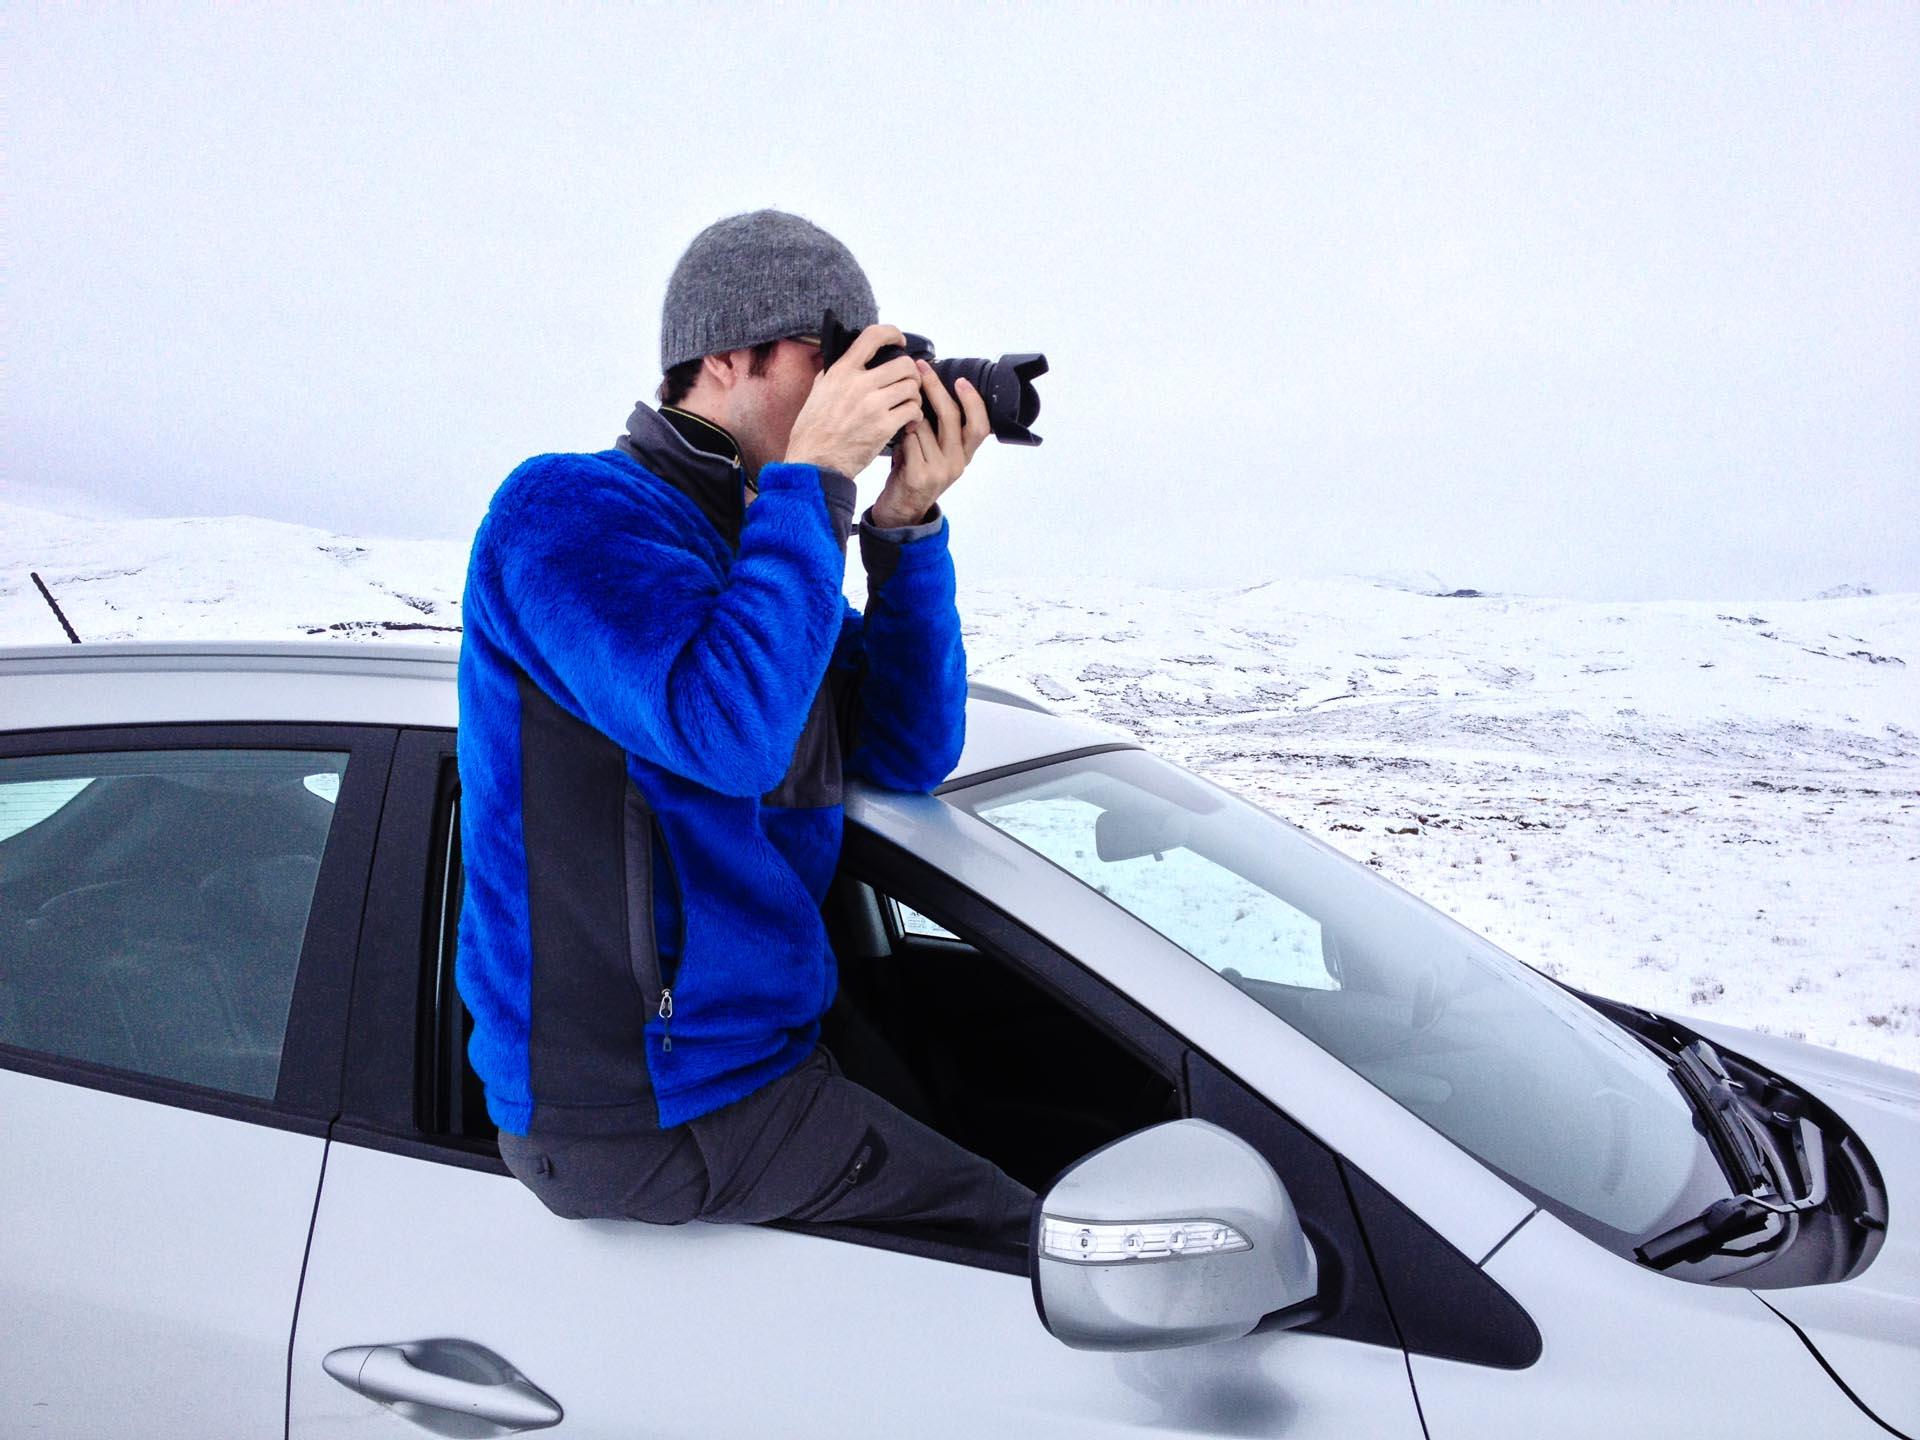 luke kurtis in Iceland